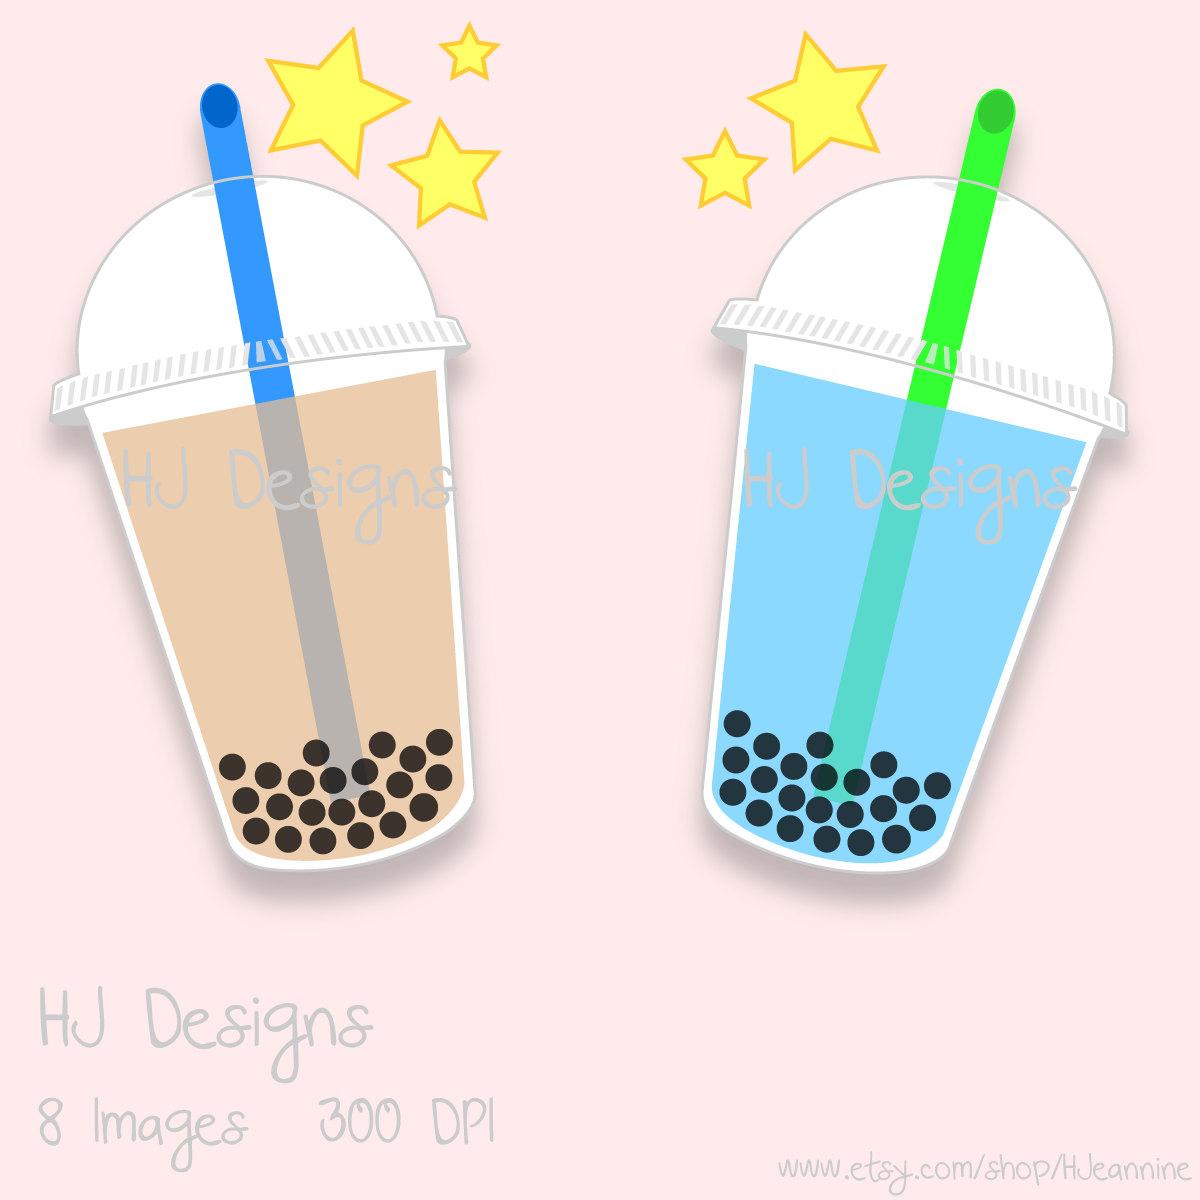 Bubble tea art.